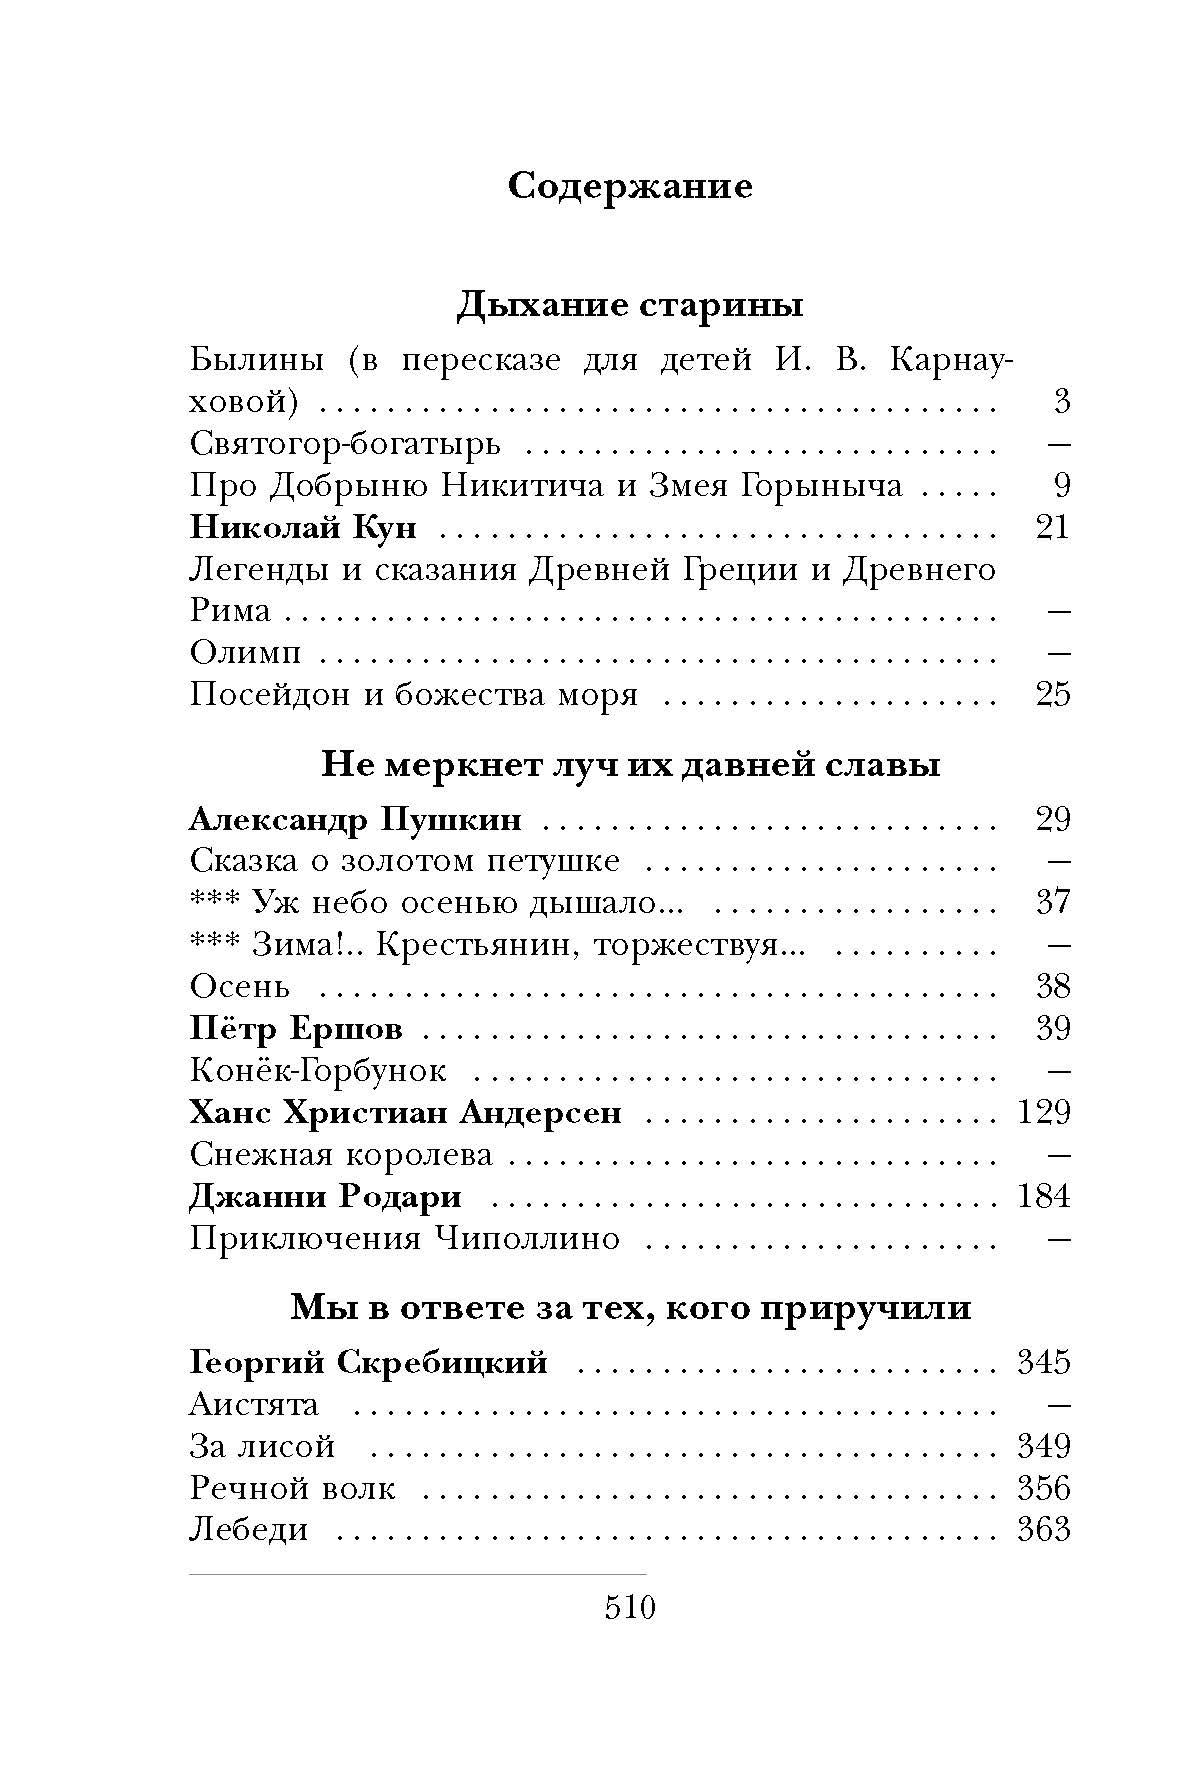 Калейдоскоп чудес. Часть 1